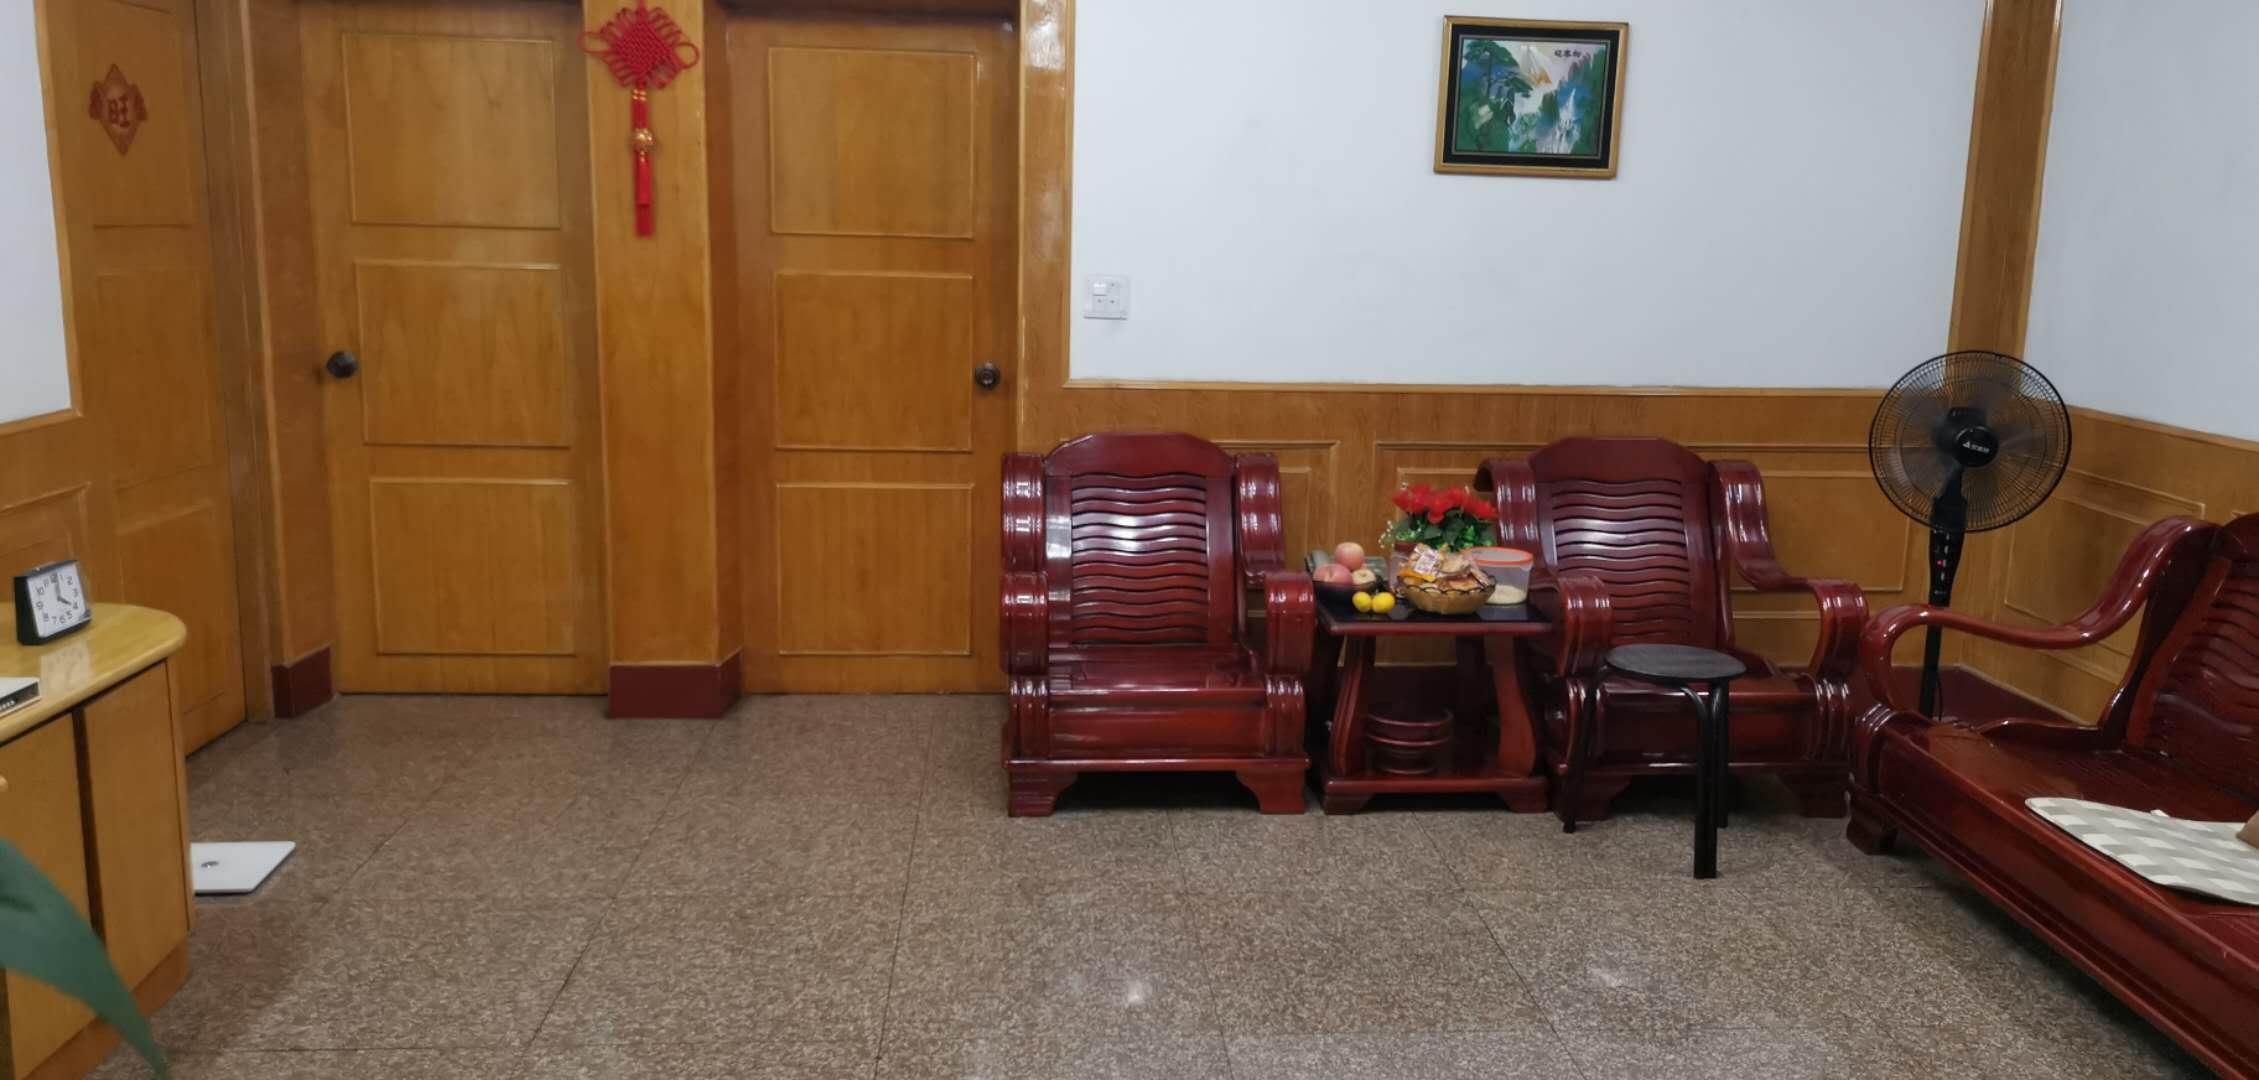 A09084出租城南君悦新天地18/32楼,144平方,4房2厅2卫1厨。精装修,家电配套,拎包入住,3500元/月的实拍照片